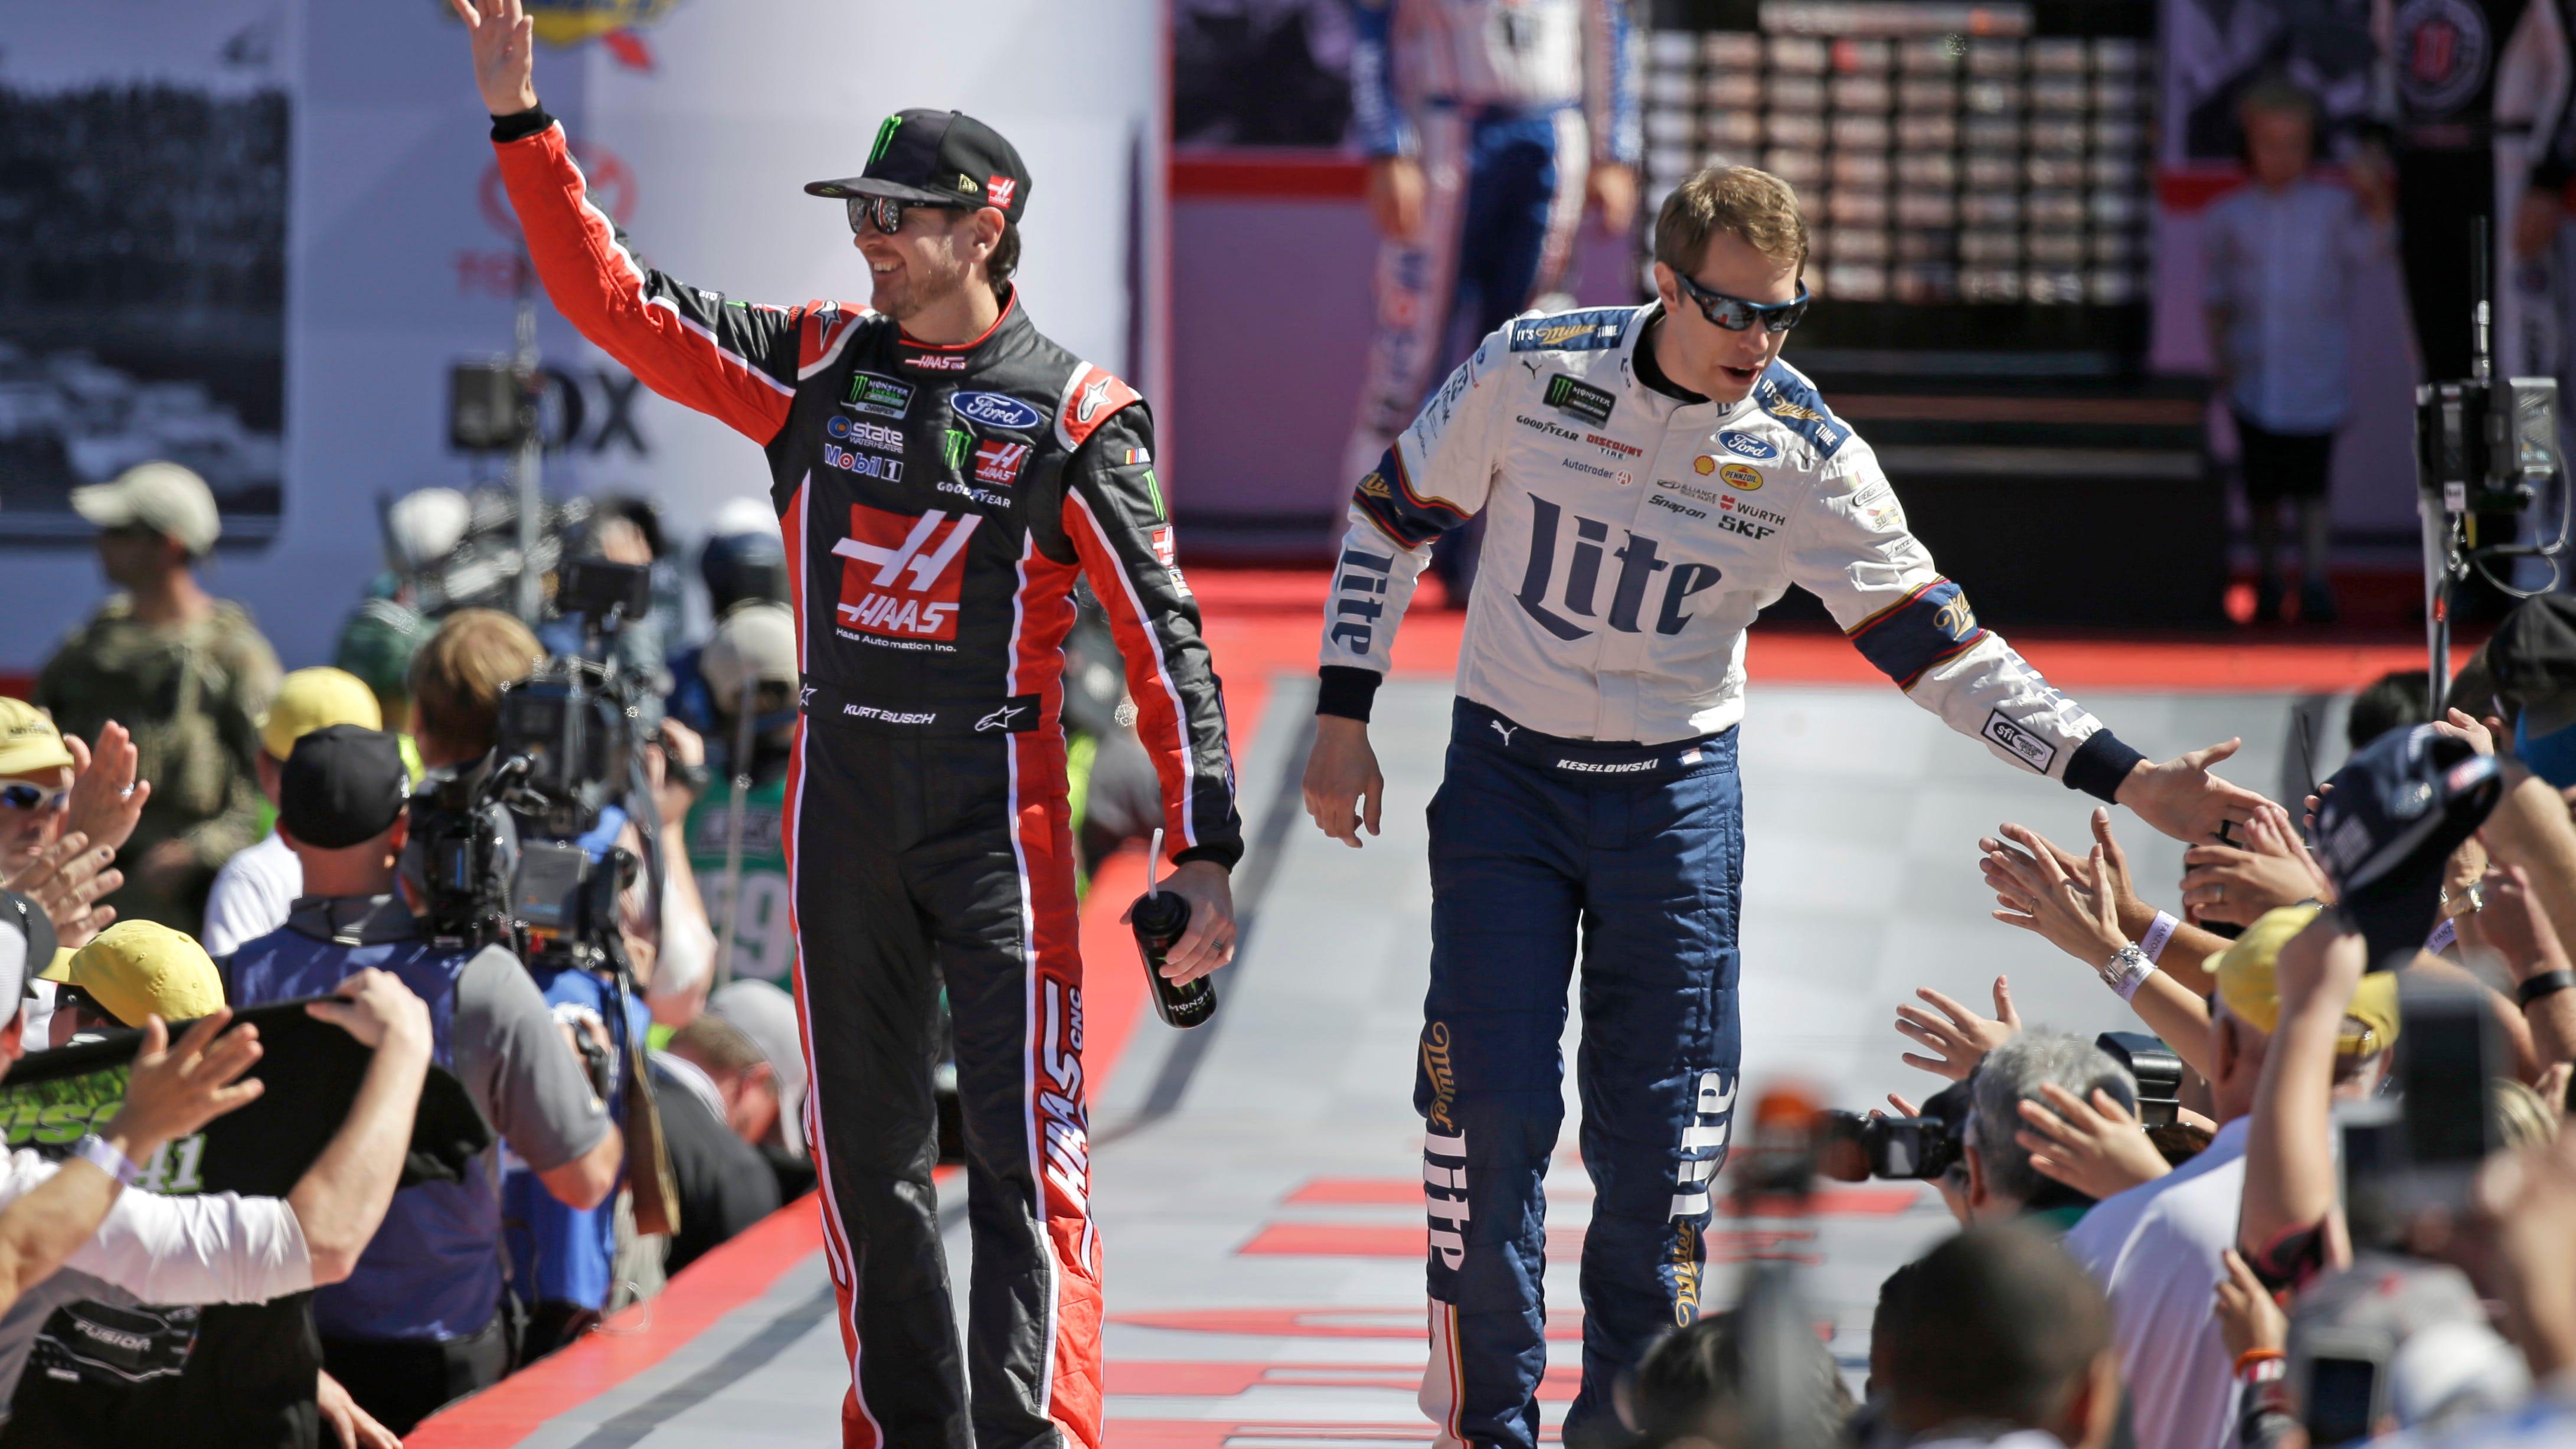 Autographed Kurt Busch Daytona 500 Champion Ryan Newman teammates Chase Hat Latest Technology